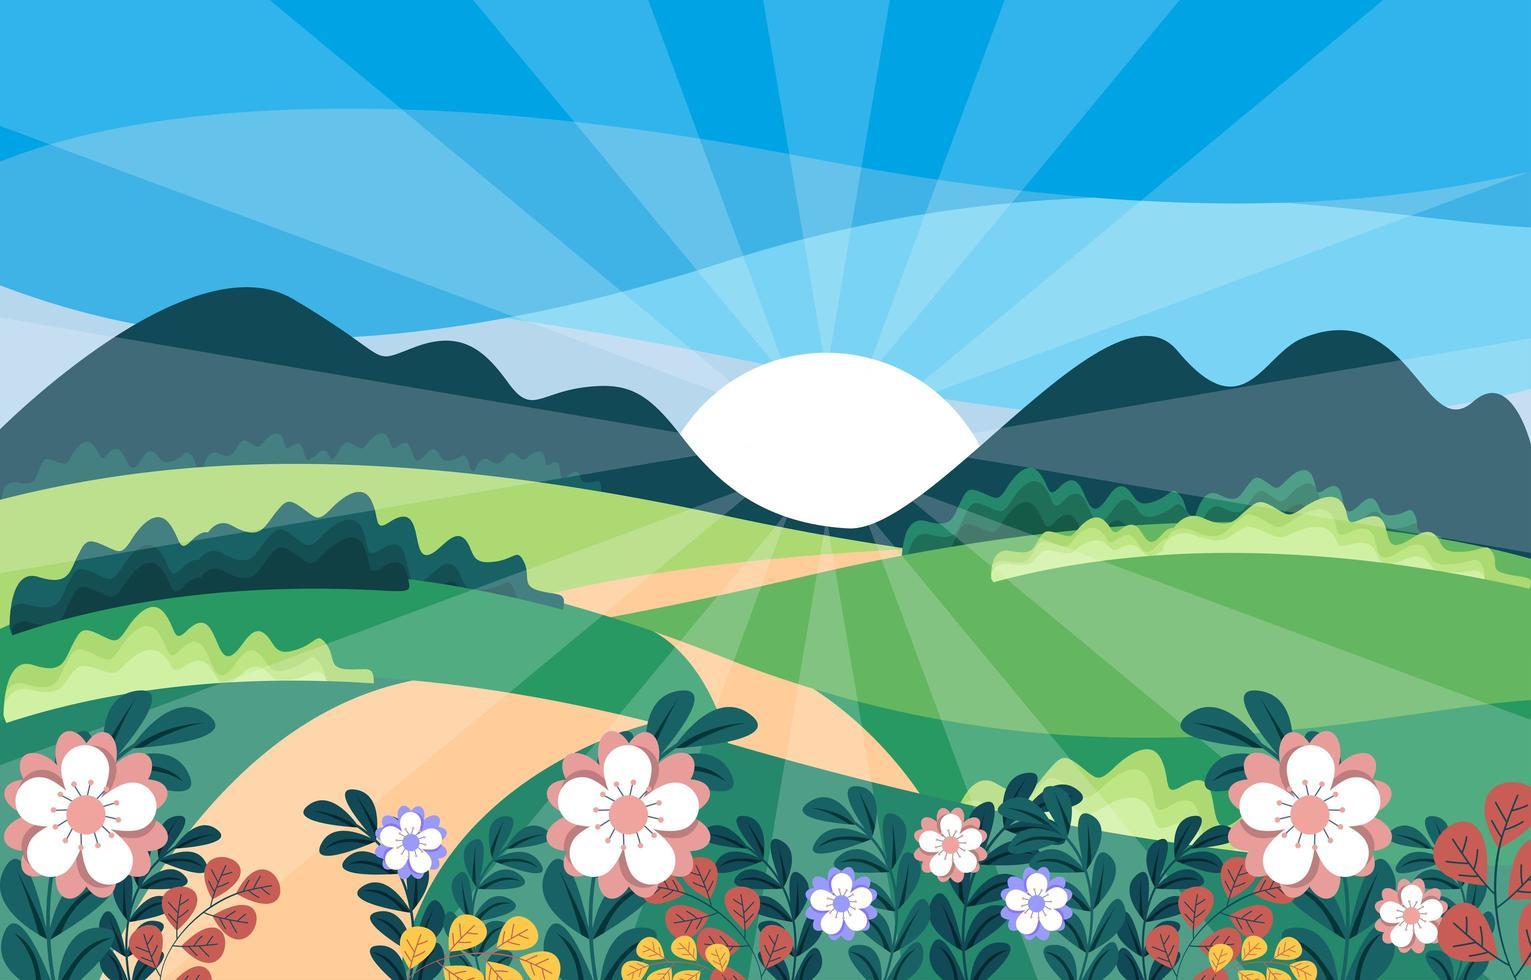 Spring Landscape View Vector Illustration